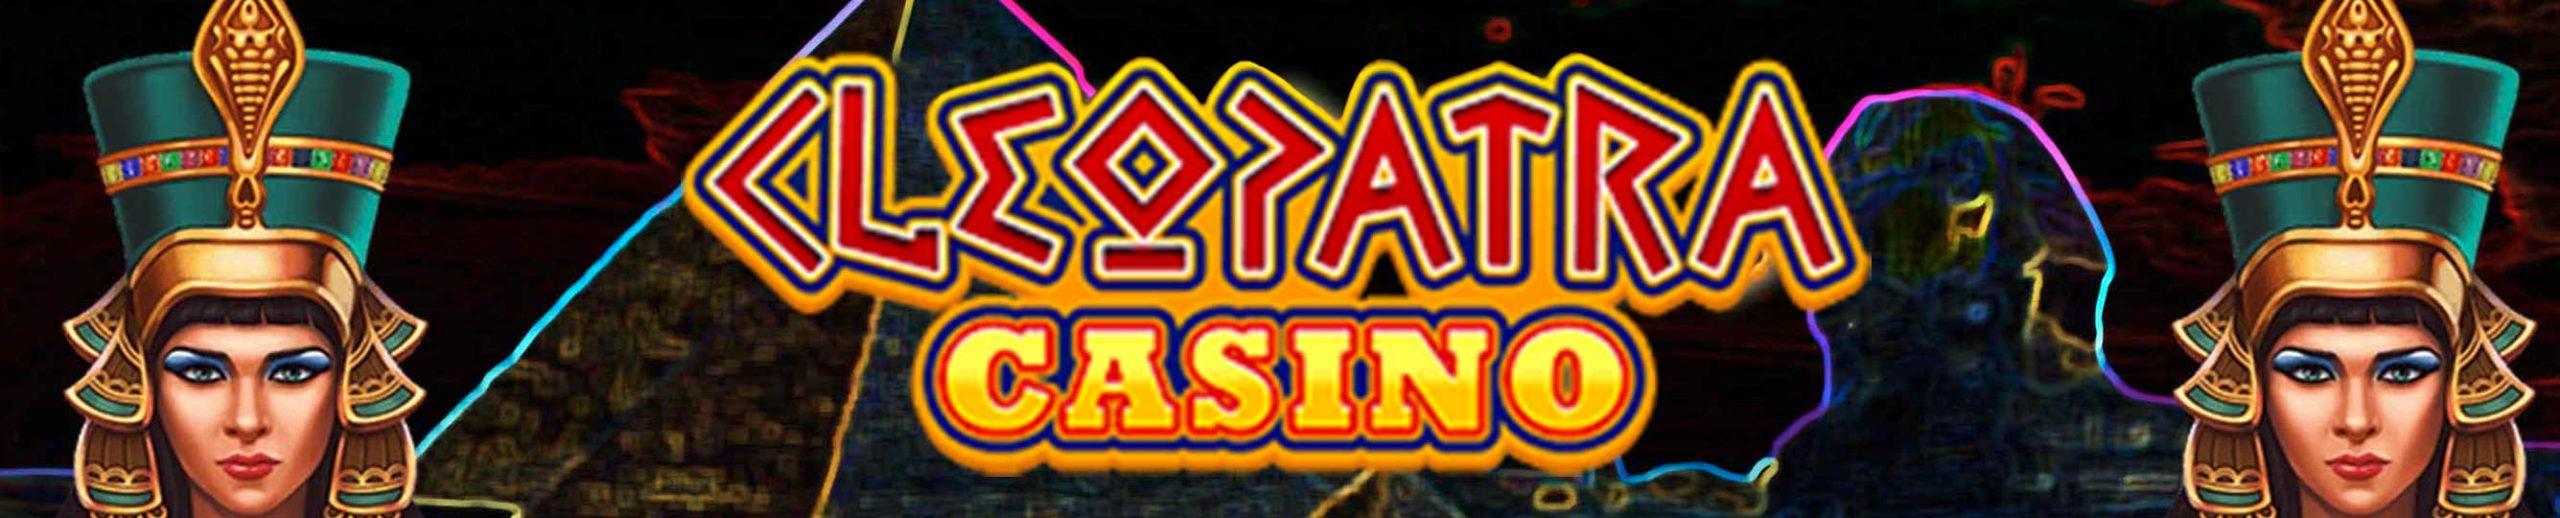 Cleopatra-Casino